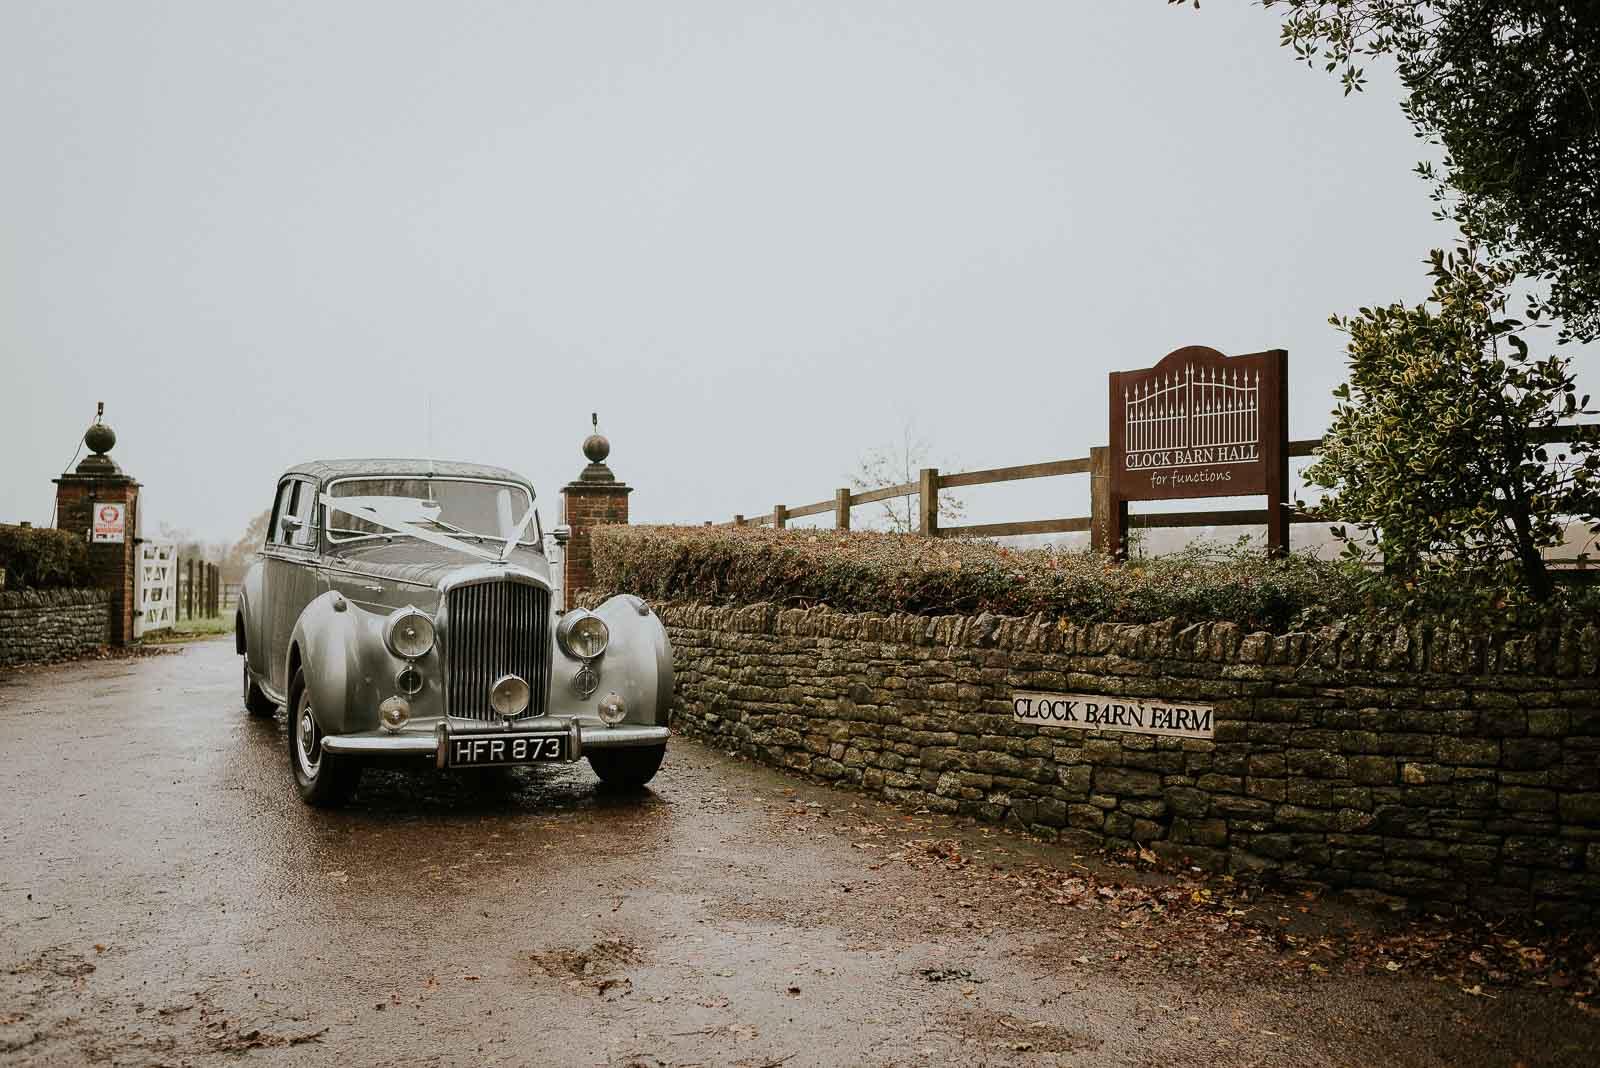 bentley r-type wedding car (9 of 10)